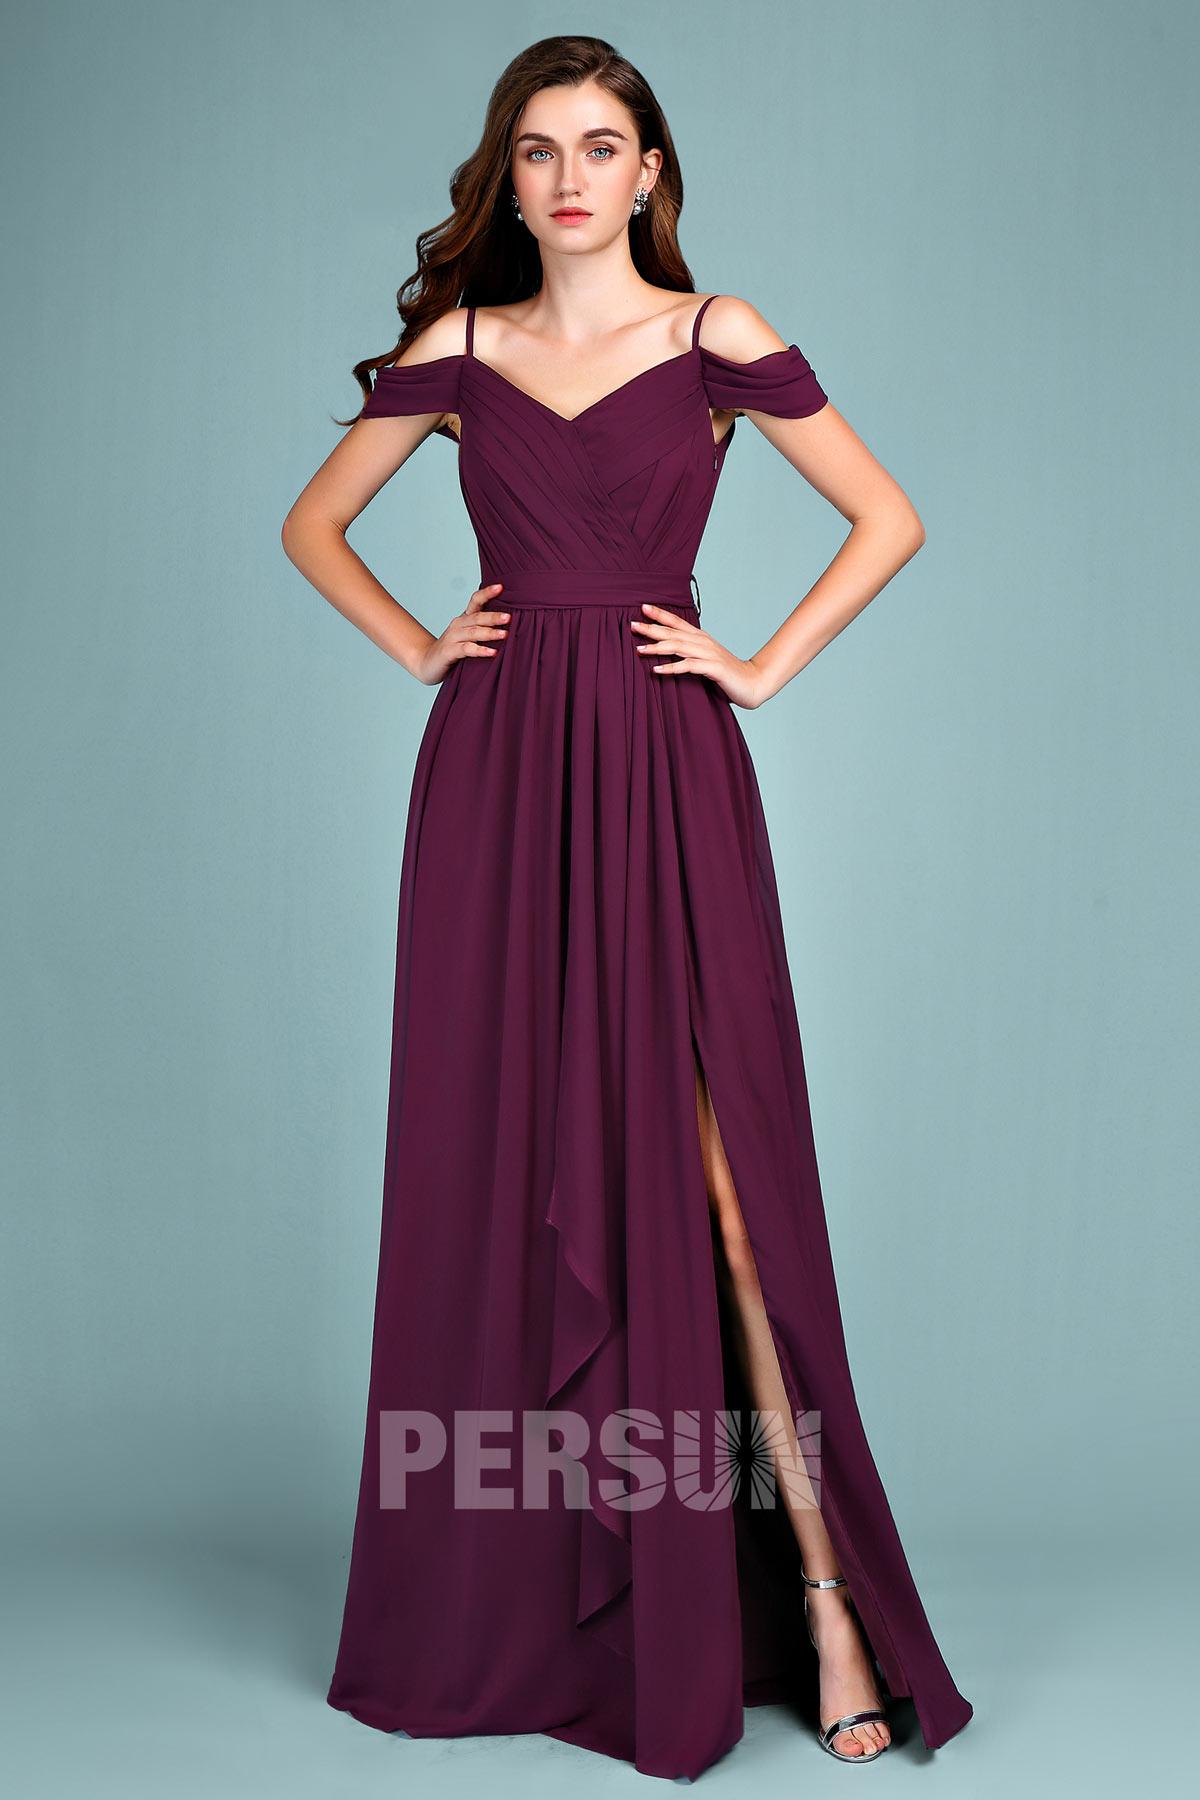 robe demoiselle d'honneur prune longue fendue épaule dégagé bustier plissé avec bretelle fine